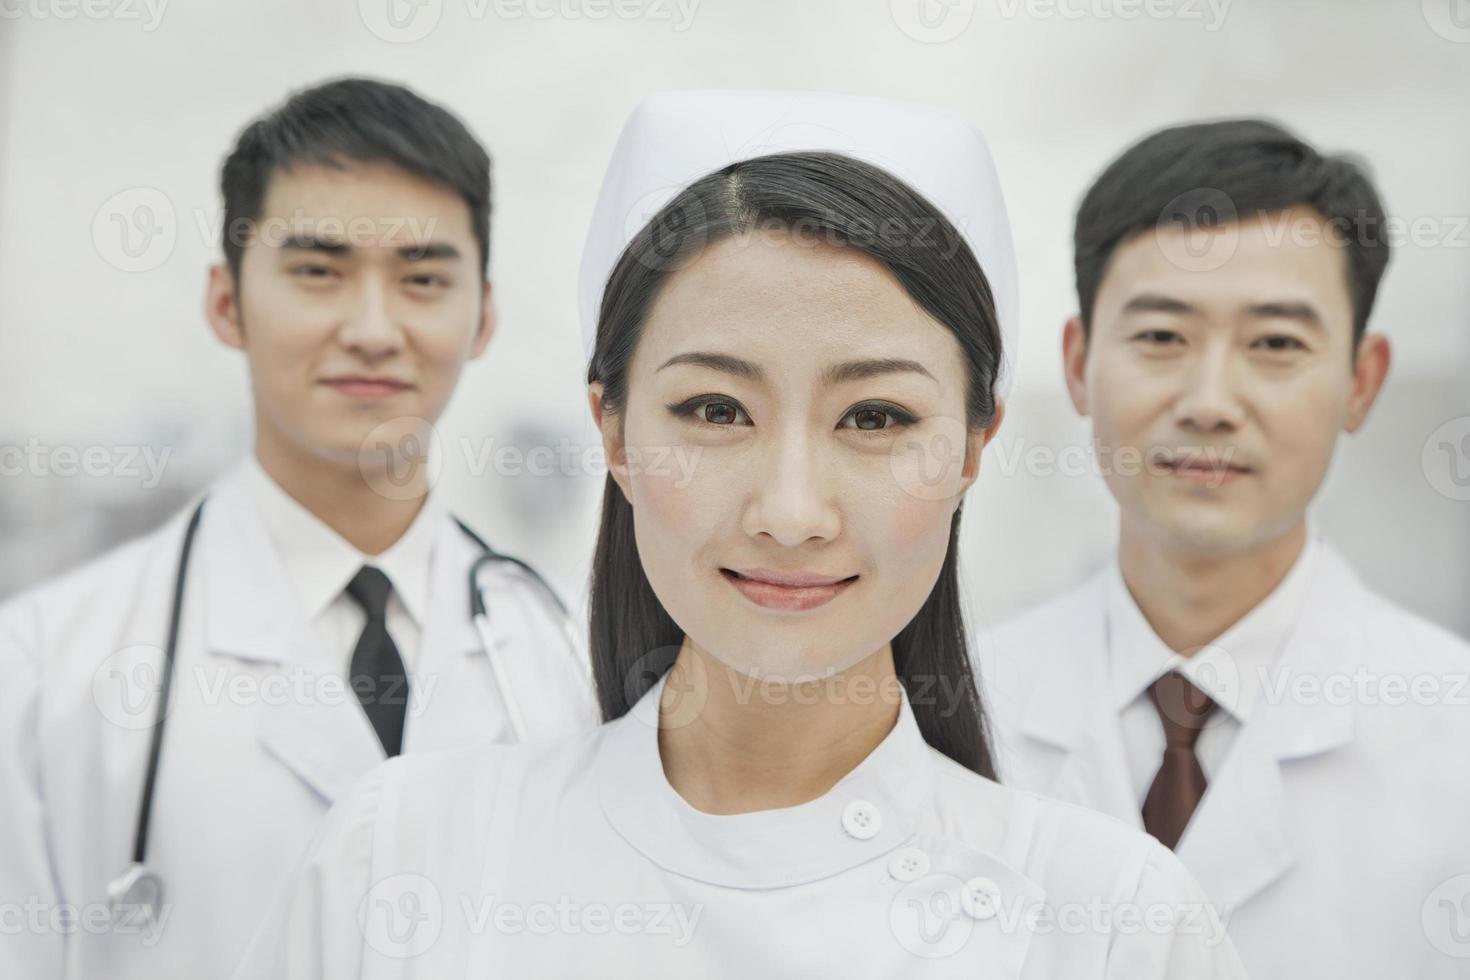 porträtt av sjukvårdspersonal i Kina, två läkare och sjuksköterska foto